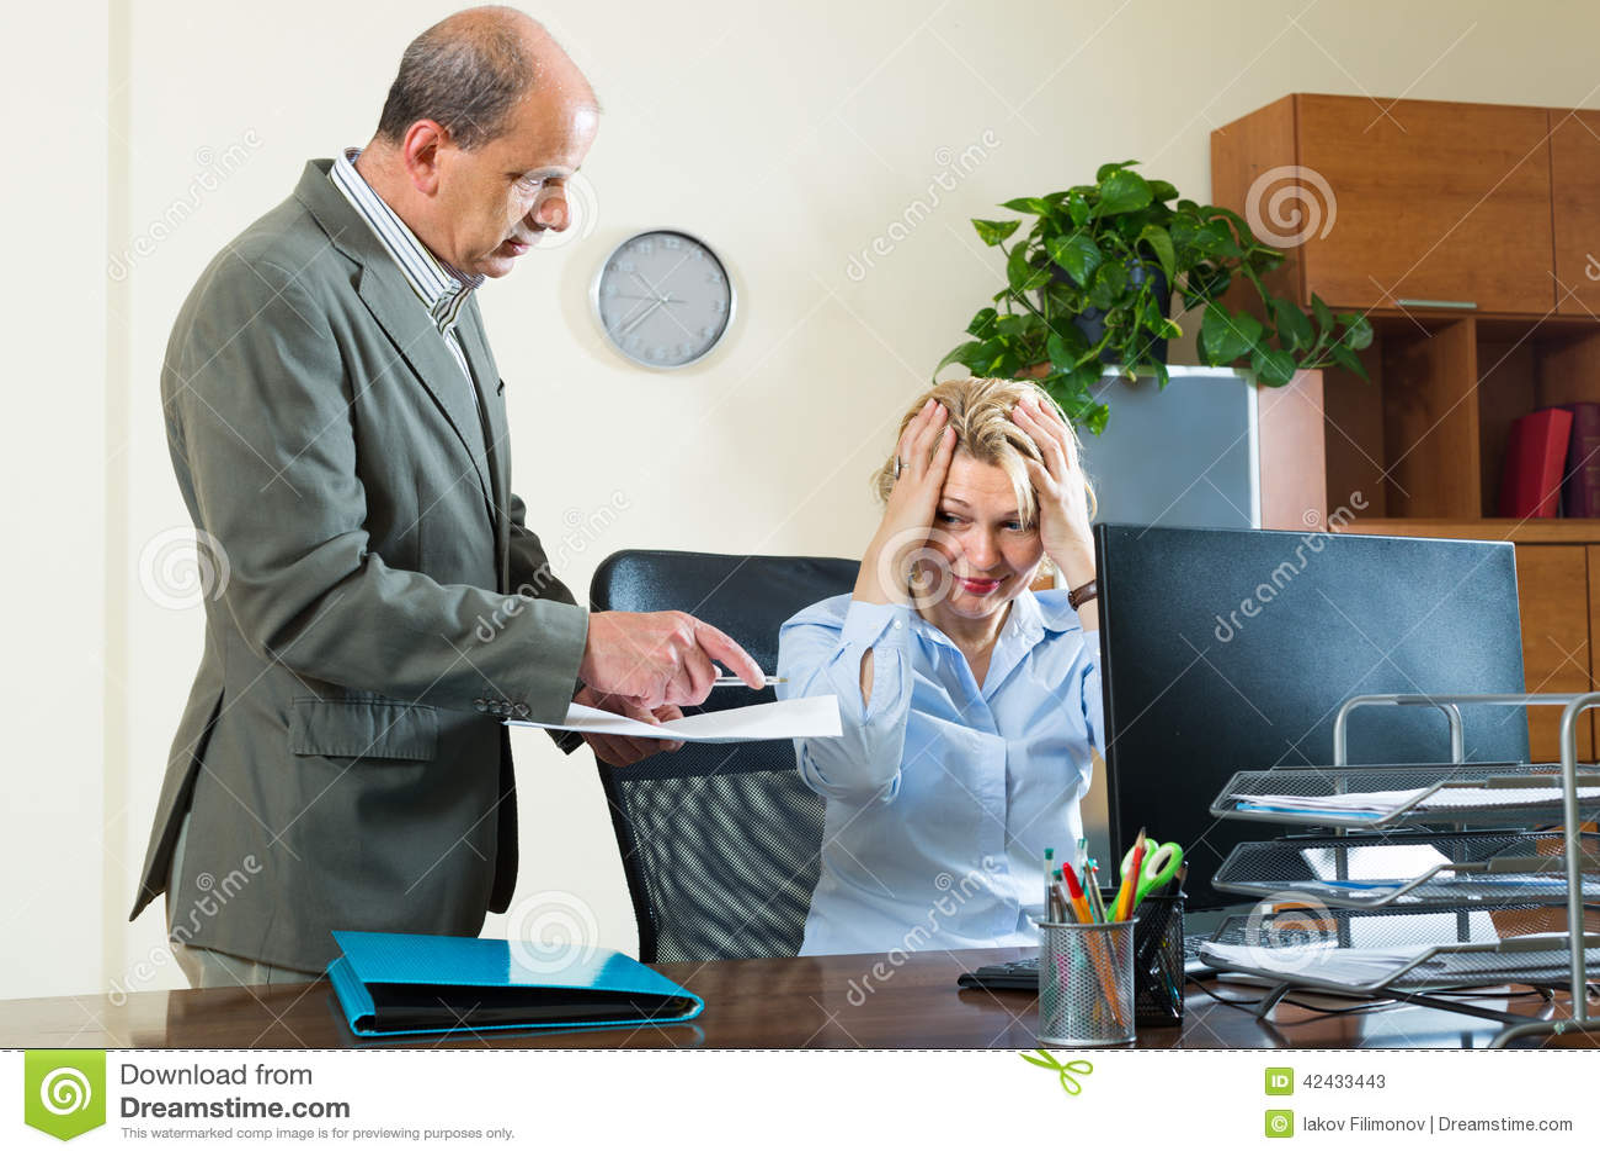 Рассказ шеф и секретарша, Лариса Маркиянова. Секретарша босс (рассказ) 21 фотография